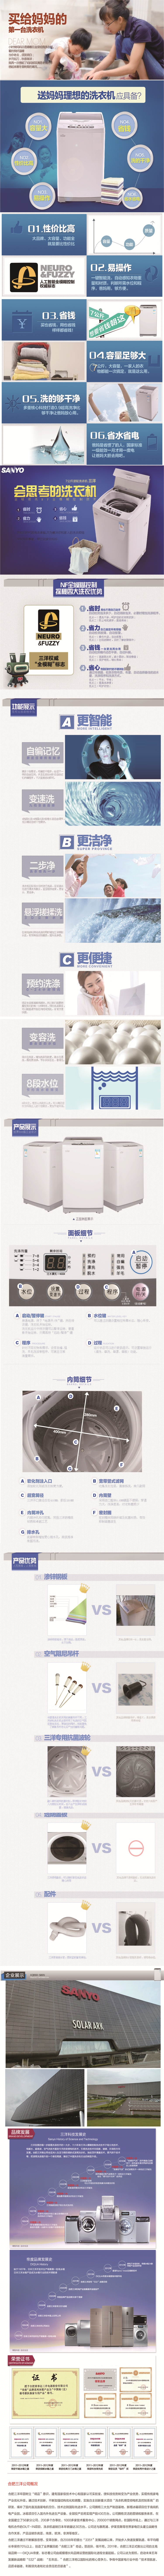 三洋七公斤全自动波轮洗衣机xqb70-s1056(以旧换新)